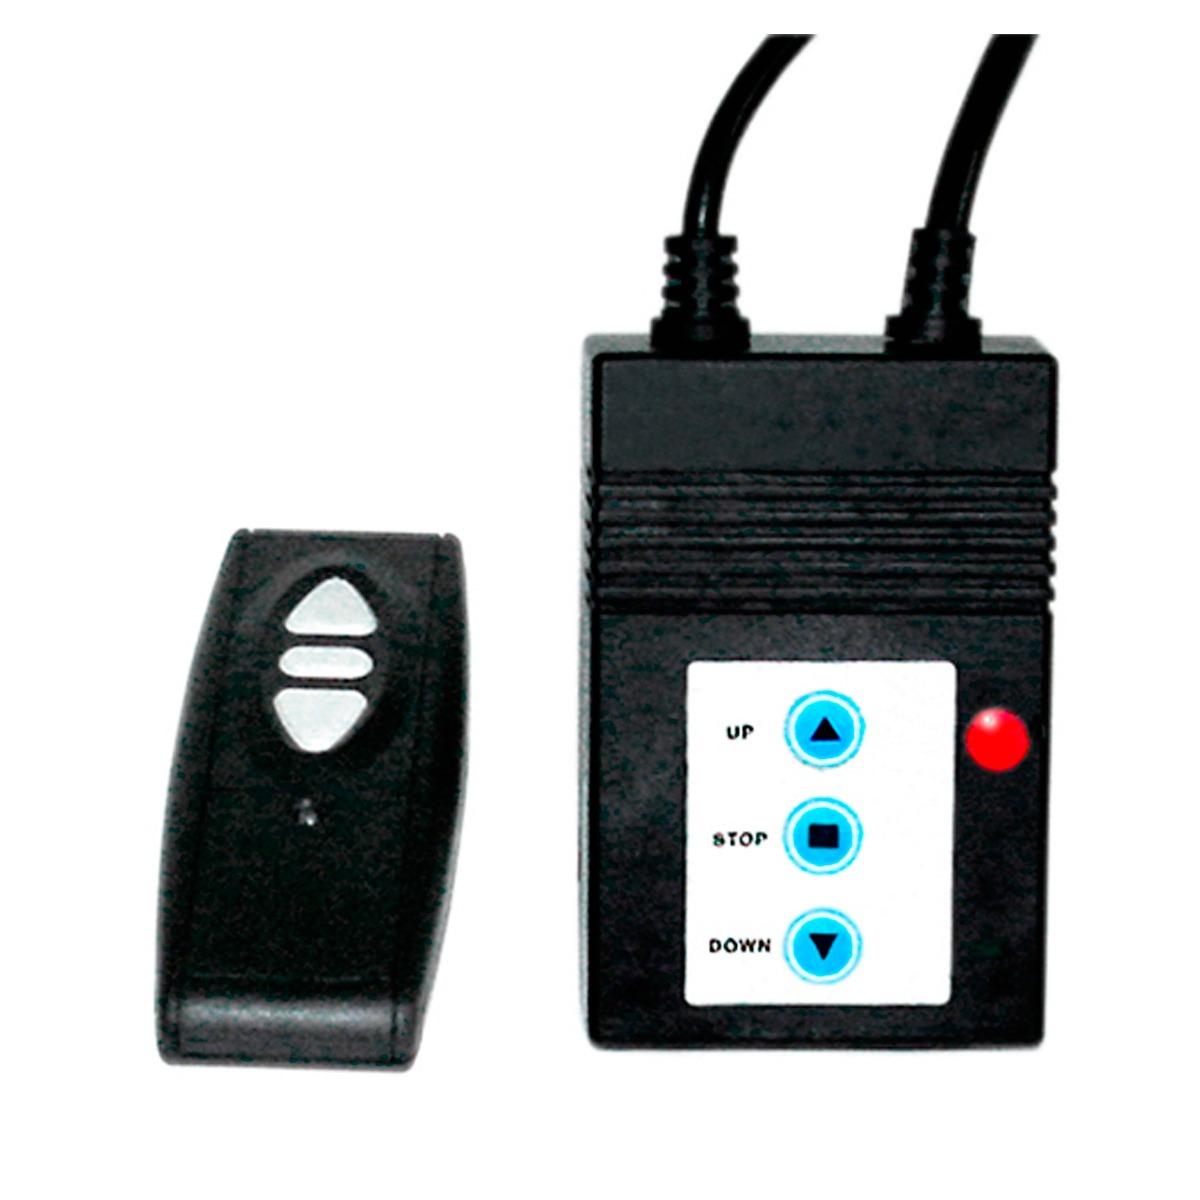 Tela Projeção 120 Polegadas Elétrica Com Controle Remoto